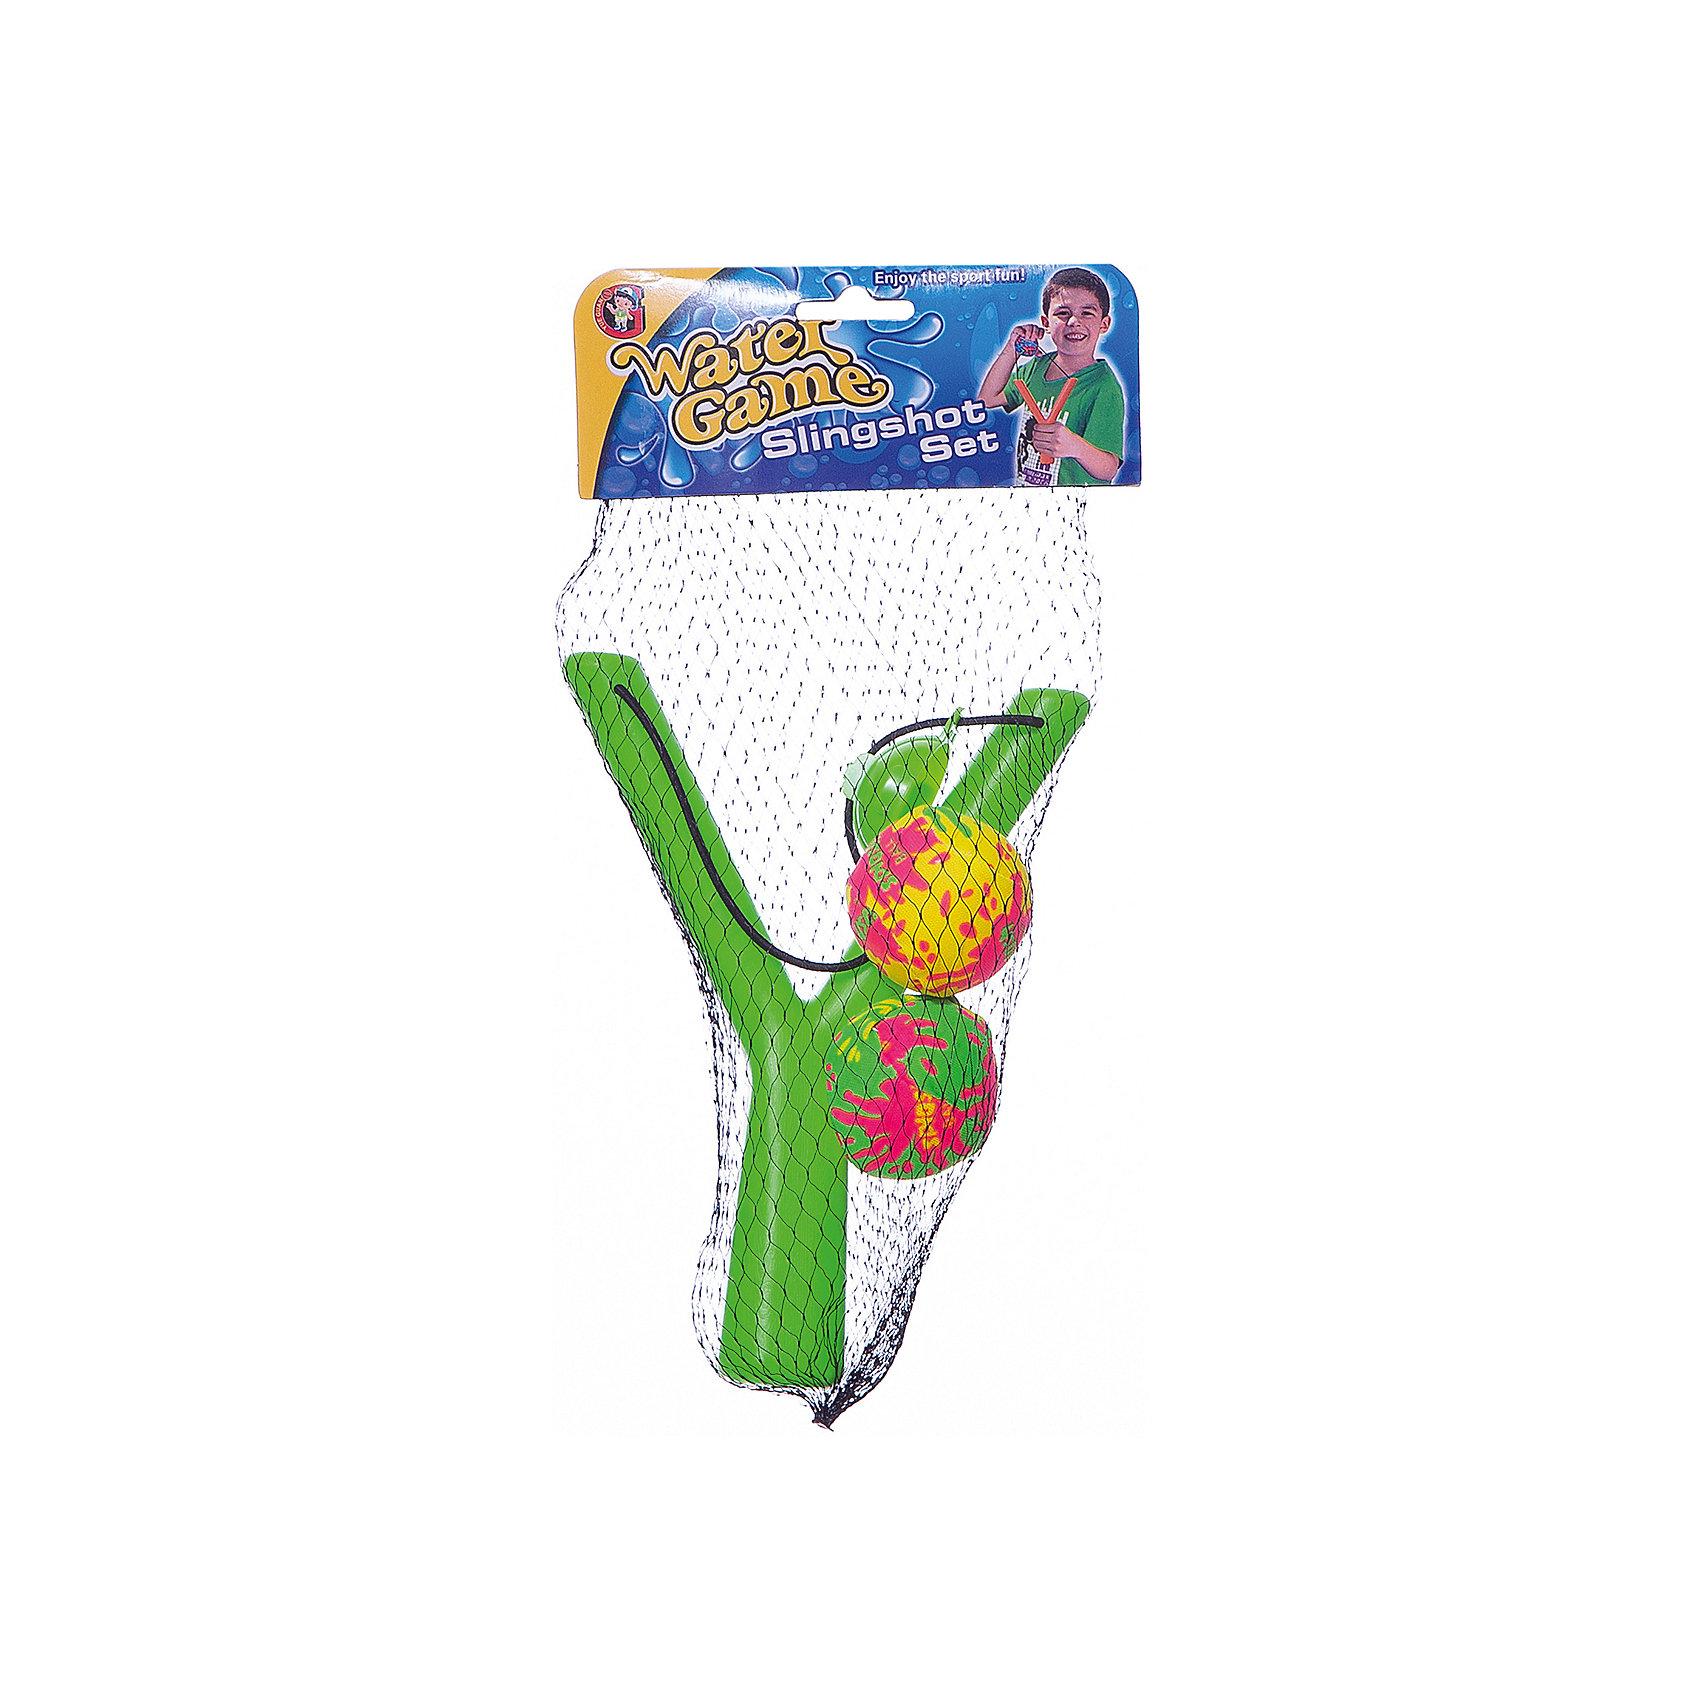 Рогатка Классическая с 2мя водяными бомбочками, InSummerКлассическая рогатка понравится не только детям, но у взрослым. В комплекте есть две водяные бомбочки, стрелять которыми будет очень удобно. Яркая рогатка поднимет настроение и сделает игру очень веселой и интересной!<br><br>Дополнительная информация:<br>В комплекте: рогатка, 2 водяные бомбочки<br>Размер упаковки: 2,6х15,5х5 см<br>Вес: 100 грамм<br>Рогатку Классическую с водяными бомбочками вы можете купить в нашем интернет-магазине.<br><br>Ширина мм: 50<br>Глубина мм: 1550<br>Высота мм: 260<br>Вес г: 100<br>Возраст от месяцев: 36<br>Возраст до месяцев: 144<br>Пол: Мужской<br>Возраст: Детский<br>SKU: 4753606